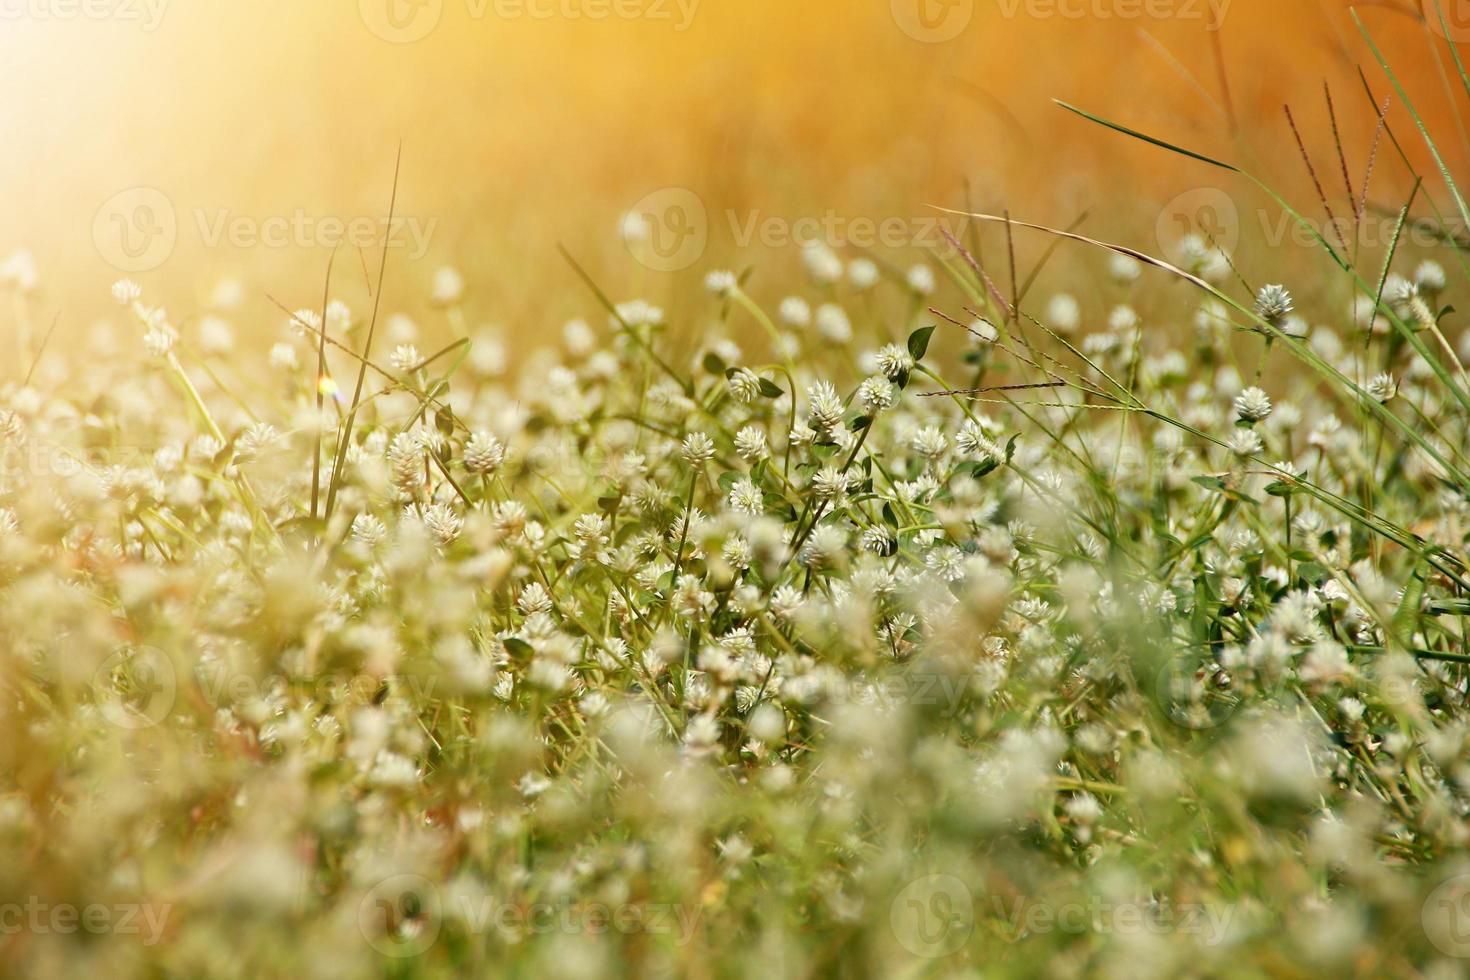 prachtige natuur achtergrond met ochtend vers gras en lieveheersbeestje. foto